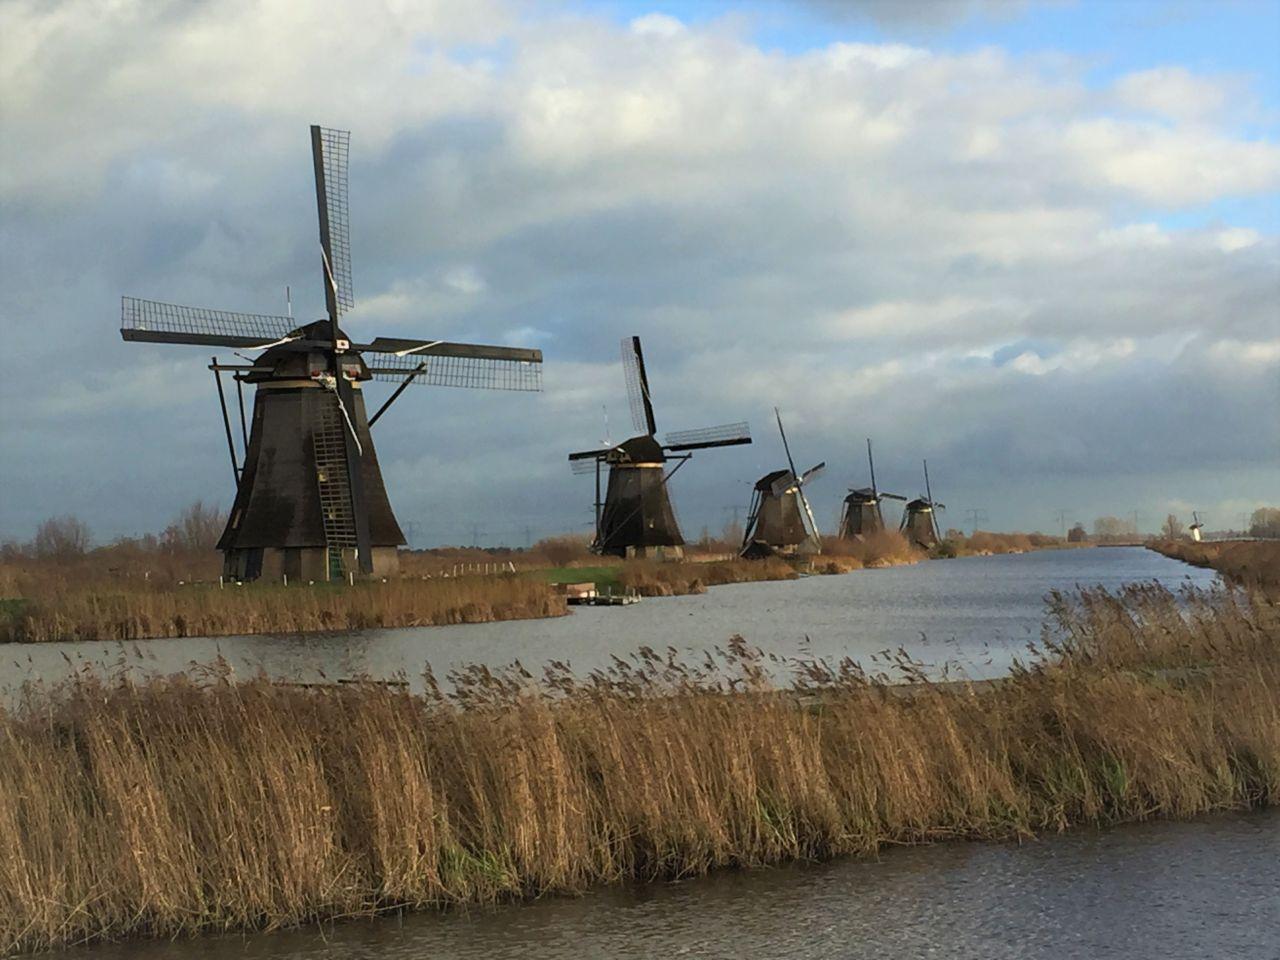 Muehlenlandschaft am Kinderdijk in den Niederlanden